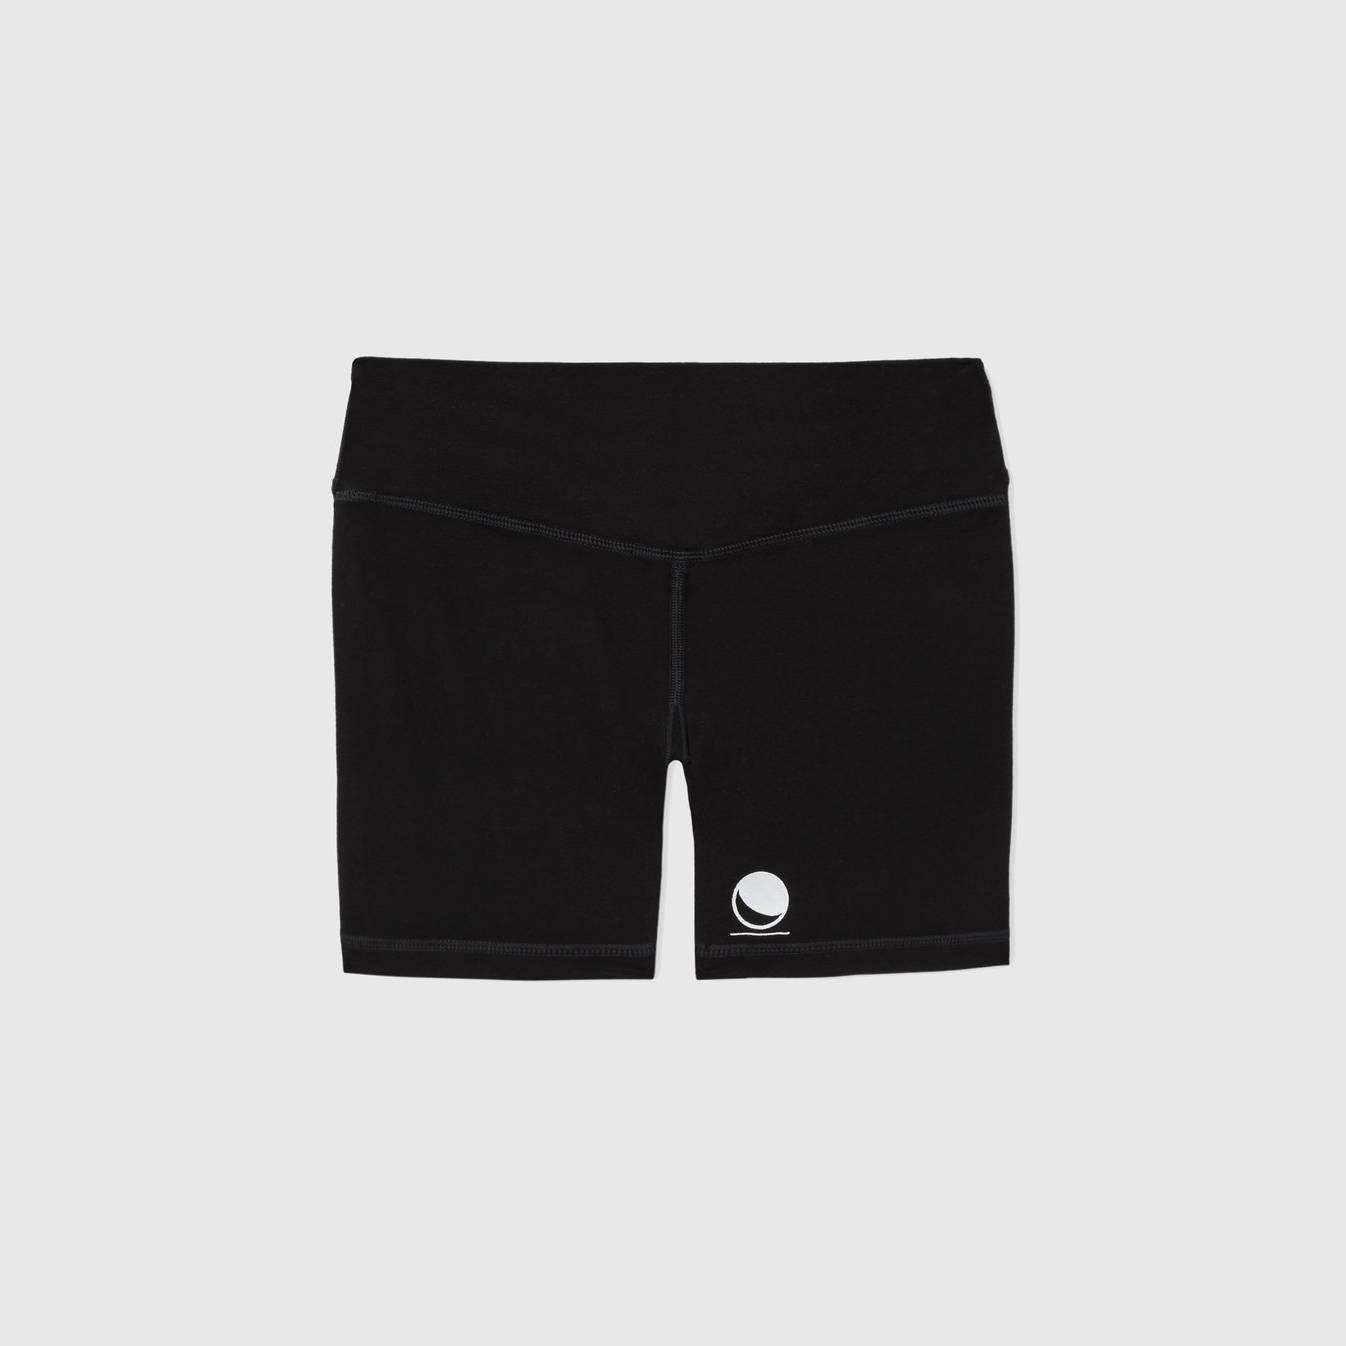 Miakoda Crescent Moon Shorts